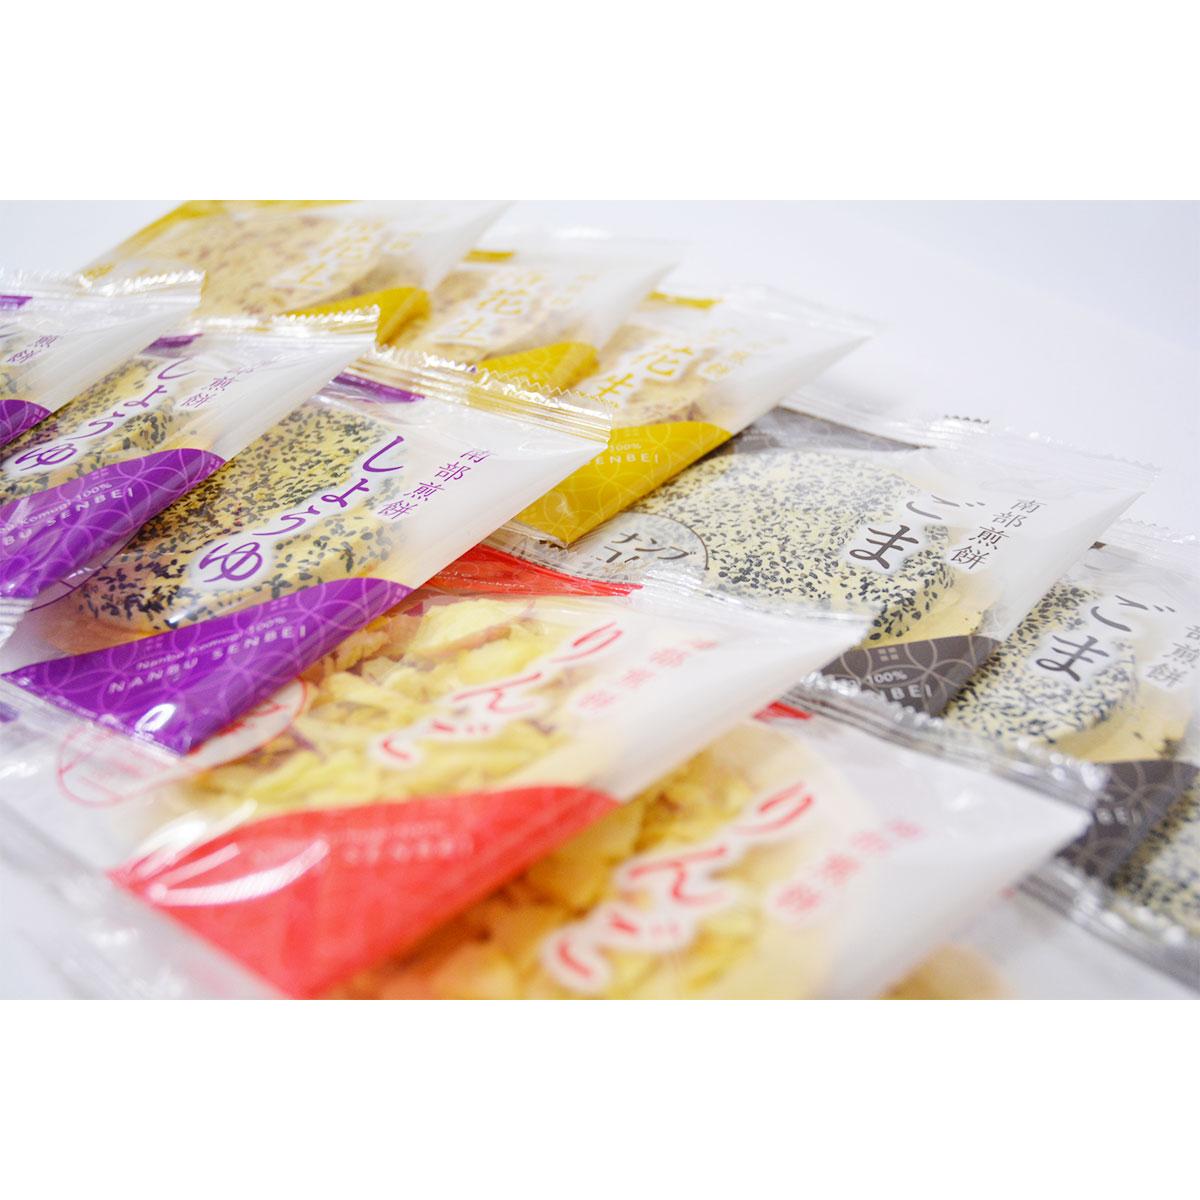 岩手県産南部小麦を100%使用。質の良い素材を使用した南部せんべいの詰合せ。志賀煎餅詰合せ 72枚入 志賀煎餅・岩手県